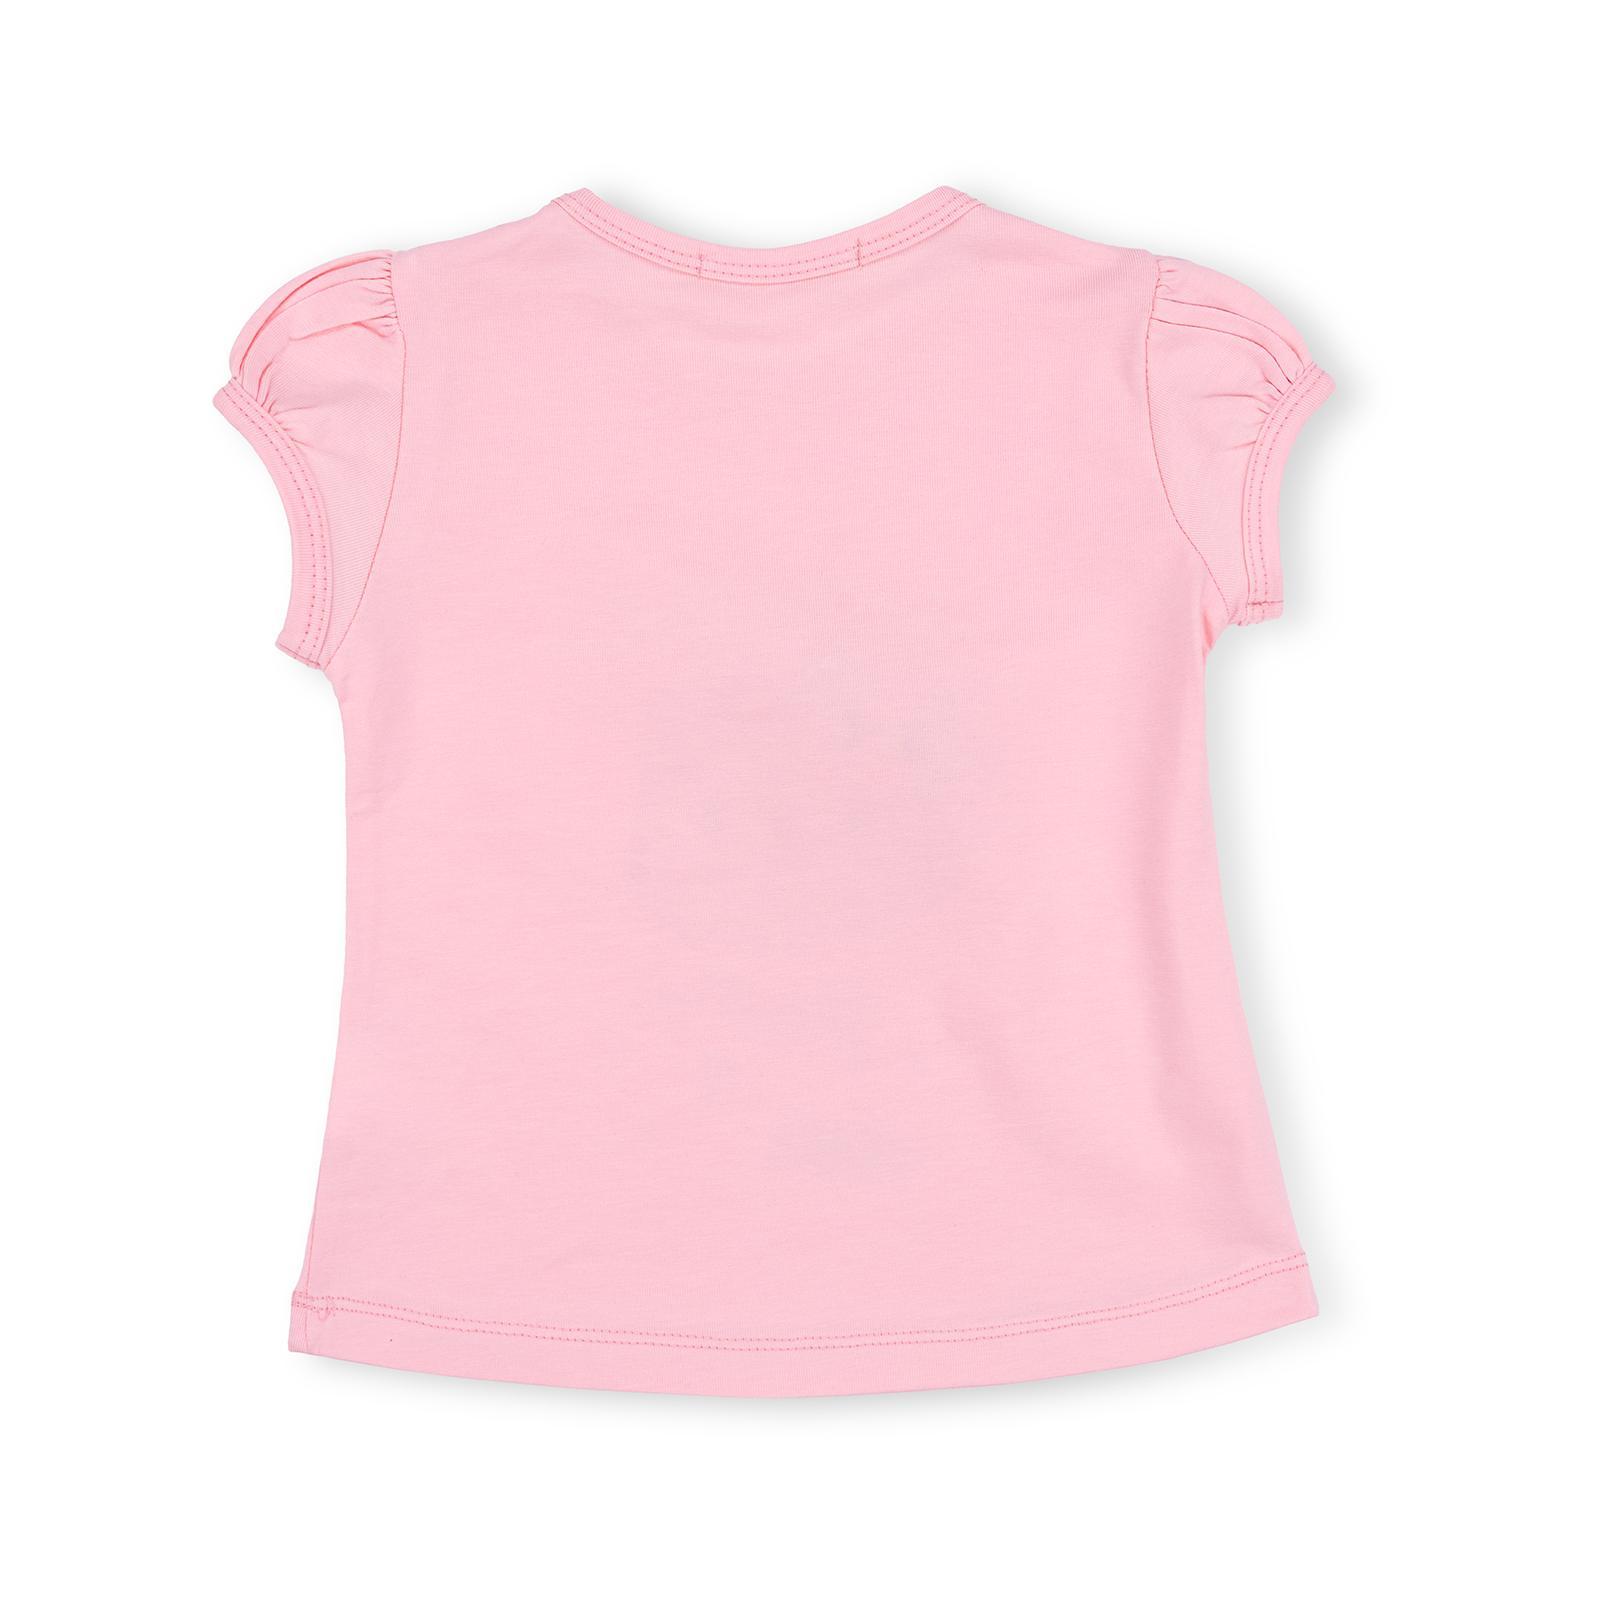 Набор детской одежды Breeze с котиками (7493-74G-pink) изображение 5